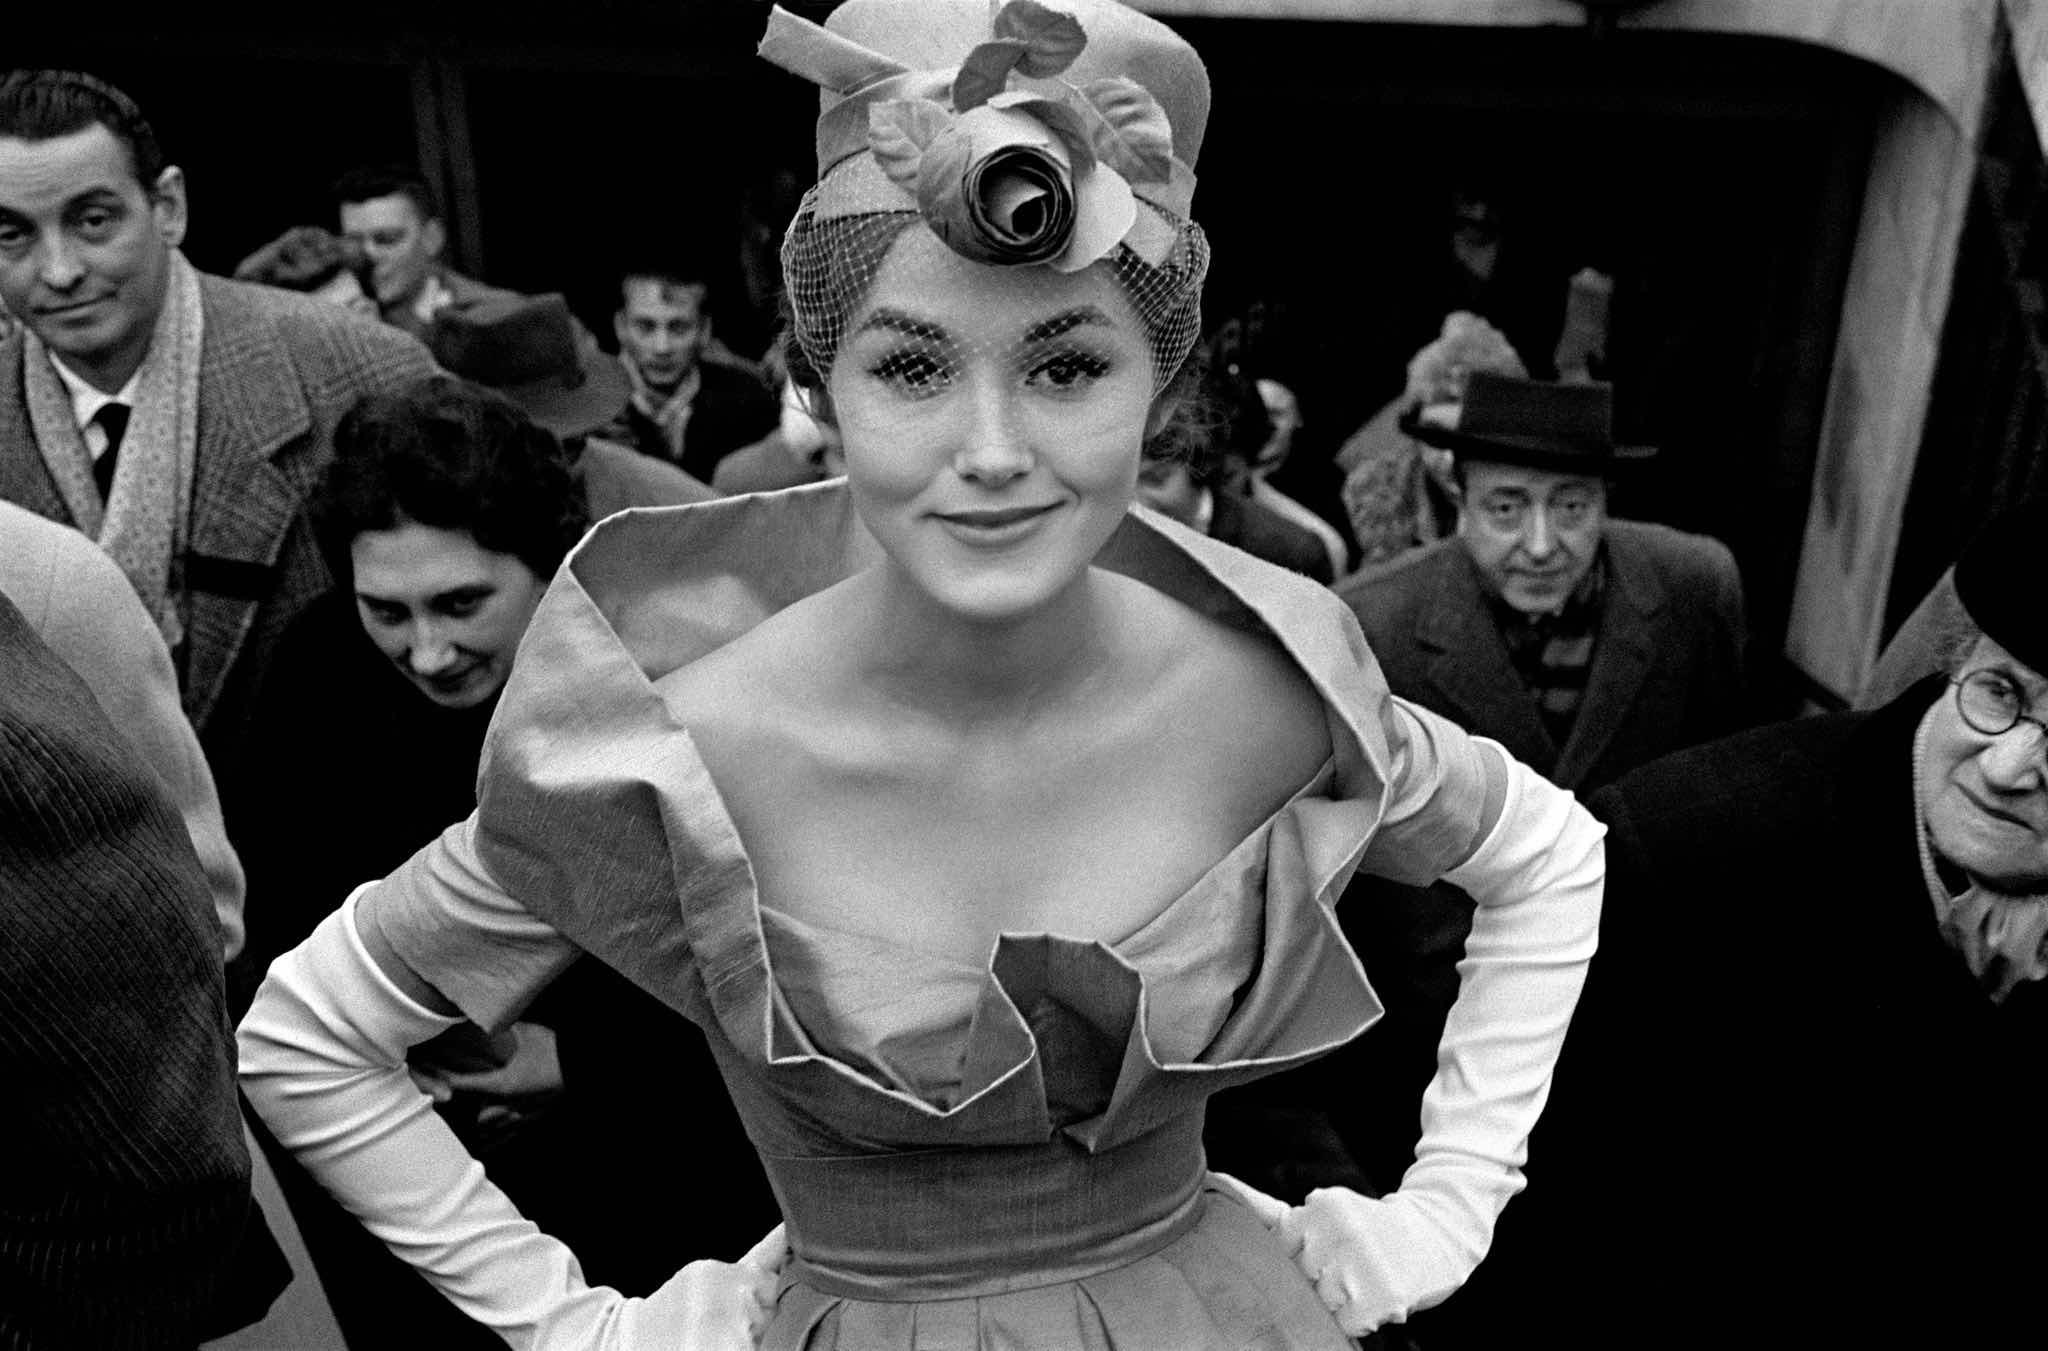 1959, Paris, for Jours de France, Monique Dutto at métro exit